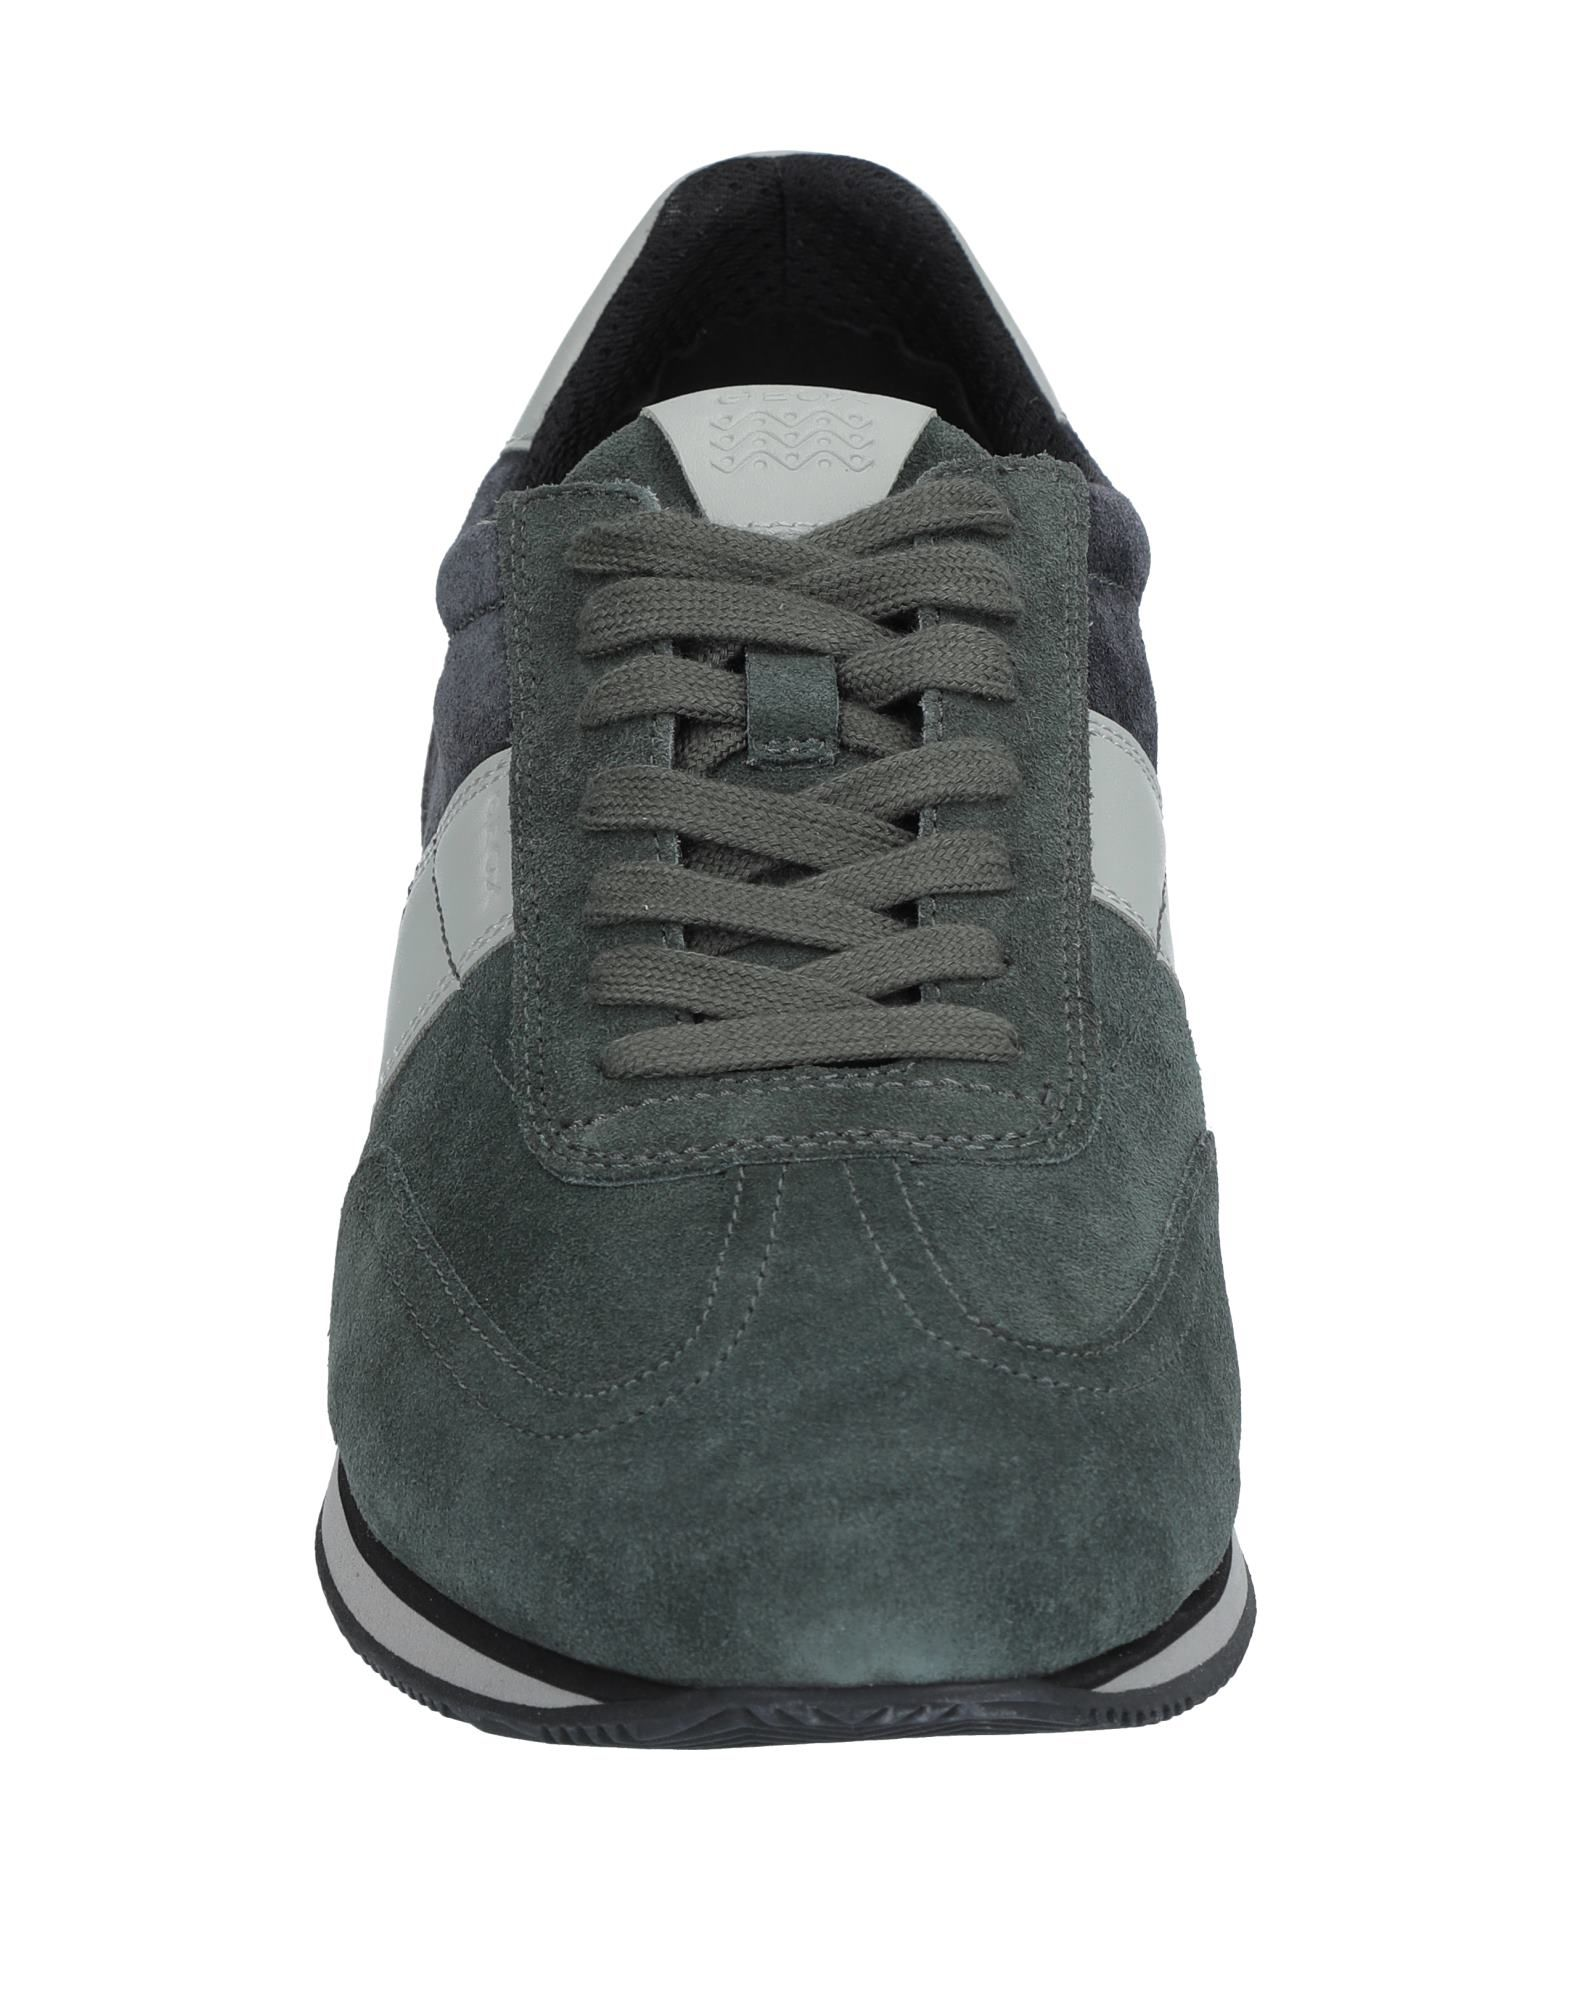 Moda Sneakers Geox Uomo - 11540085CI 11540085CI - e84a13